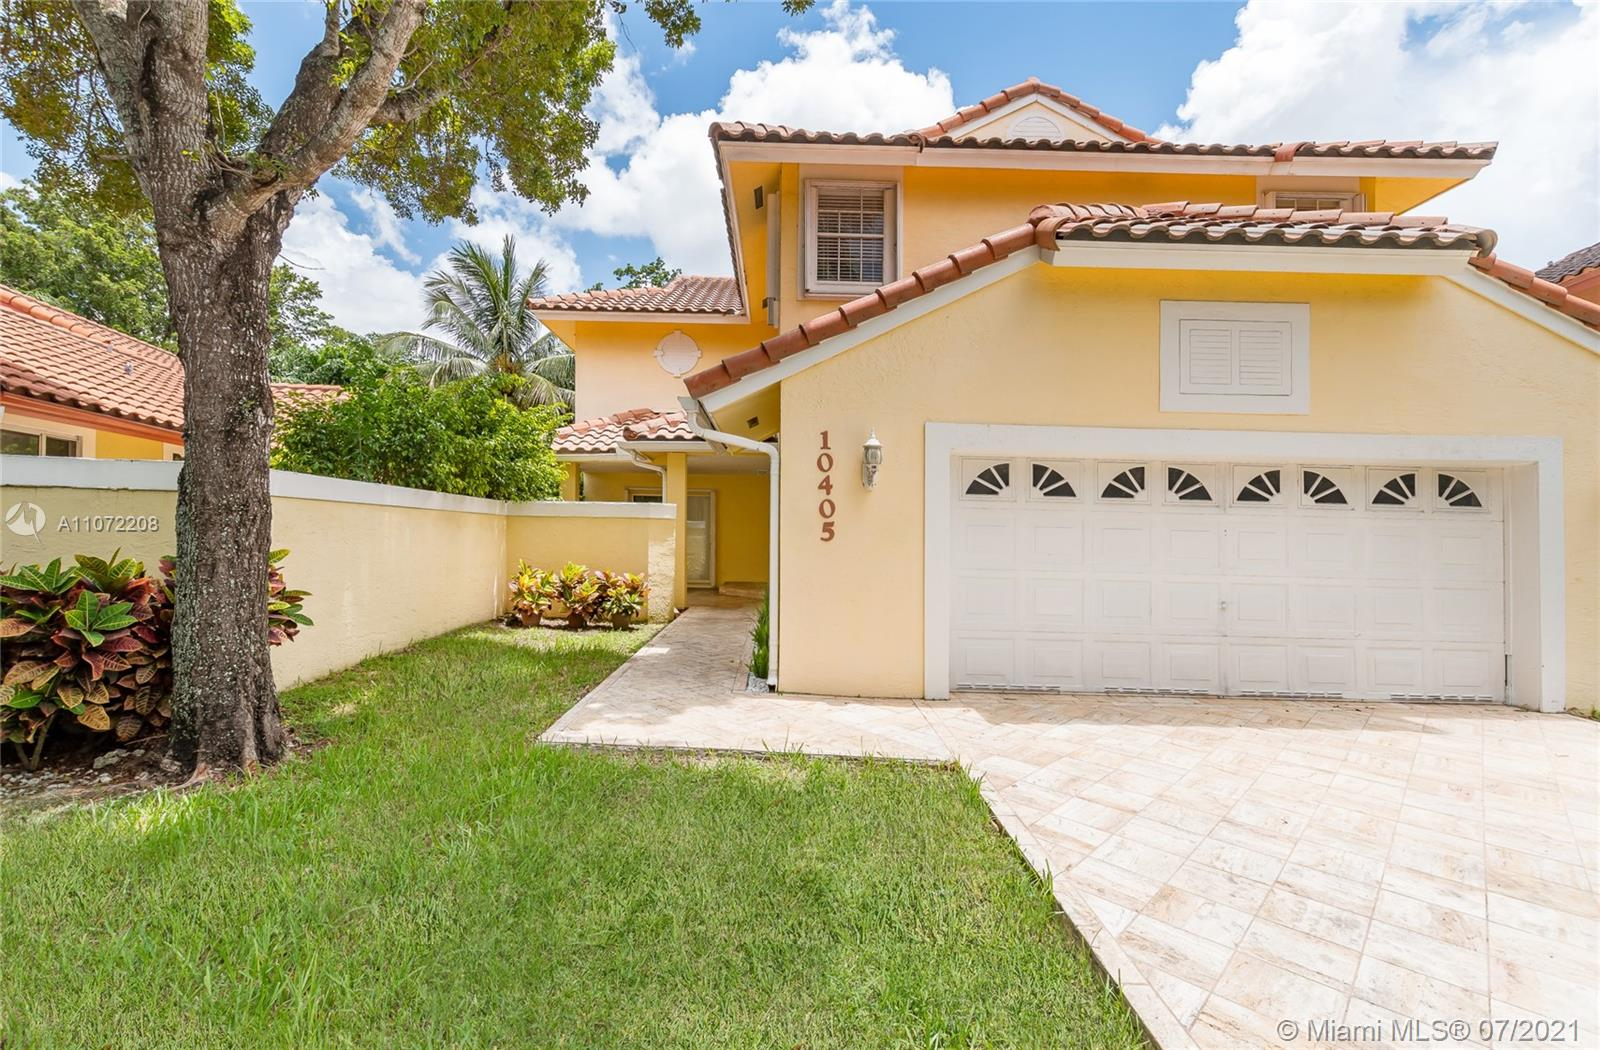 Doral Park - 10405 NW 43rd Ter, Doral, FL 33178